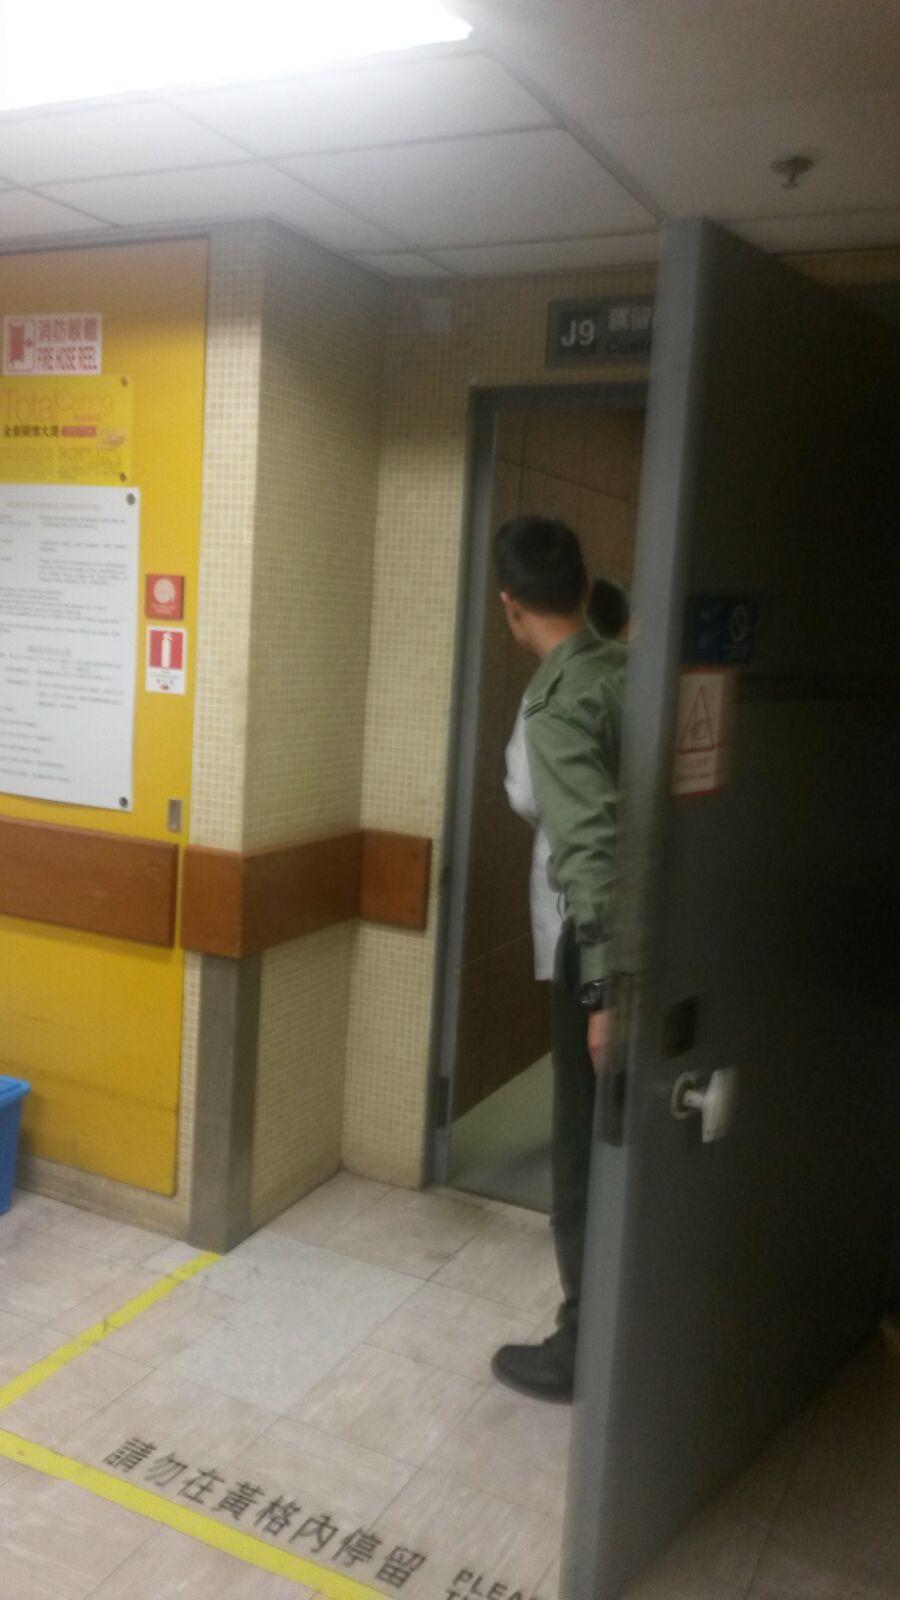 有醫生進入有傳曾蔭權現身處的瑪麗醫院羈留病房。